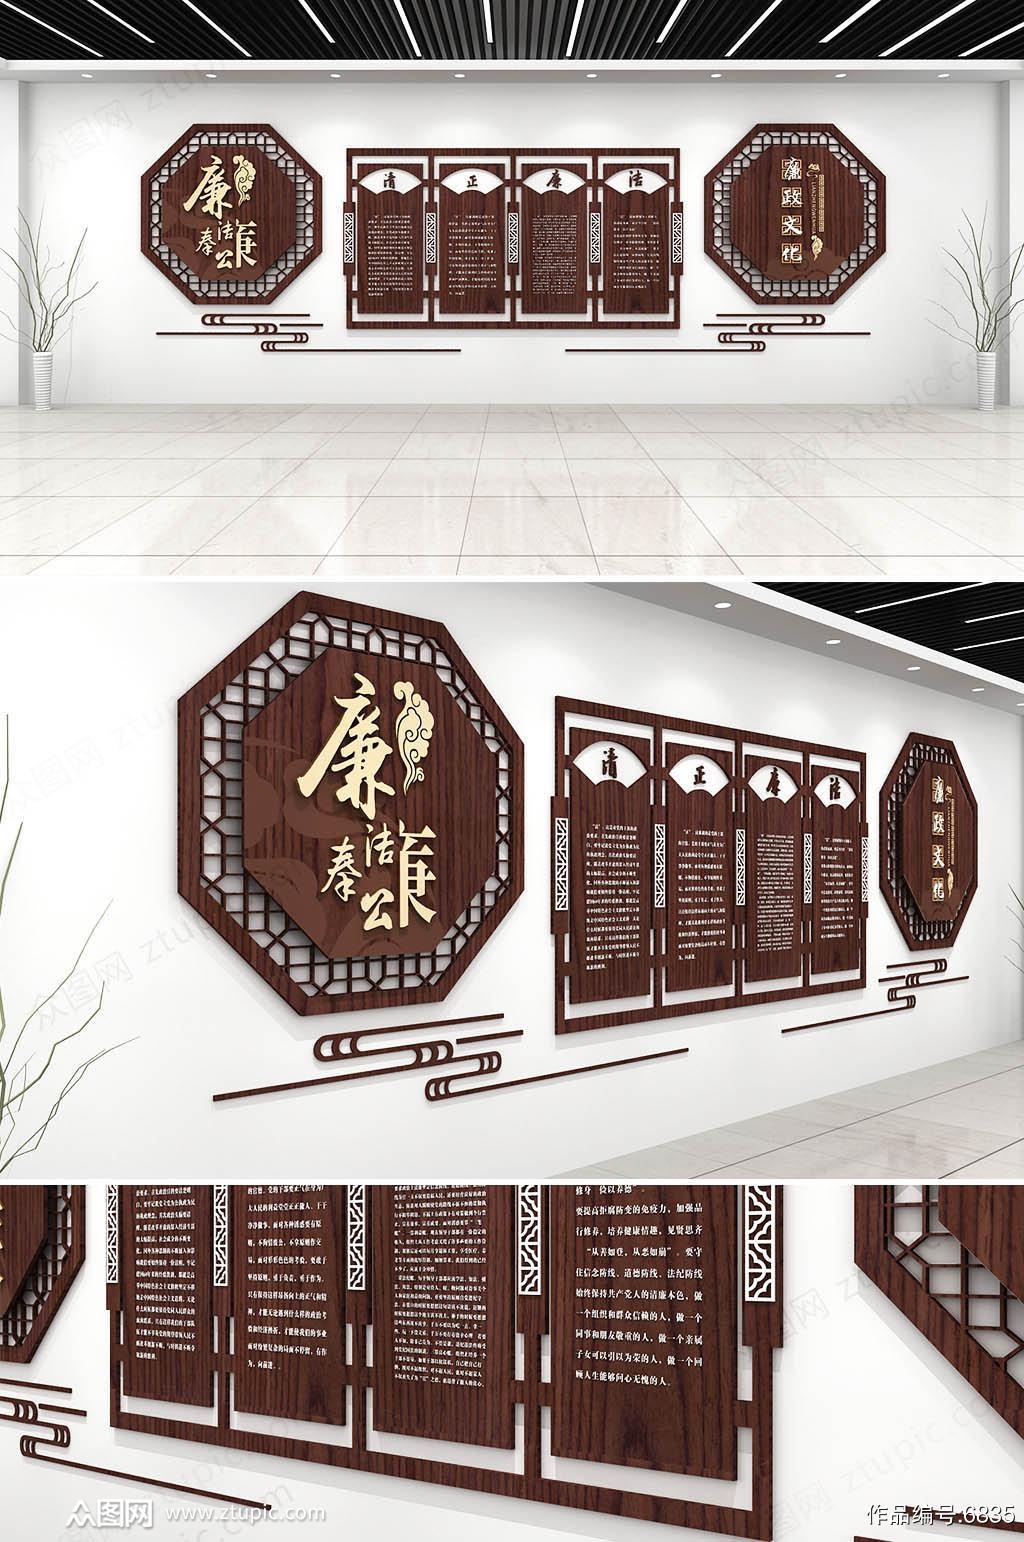 原创创意卷轴中国风古典党建文化墙廉政文化墙素材